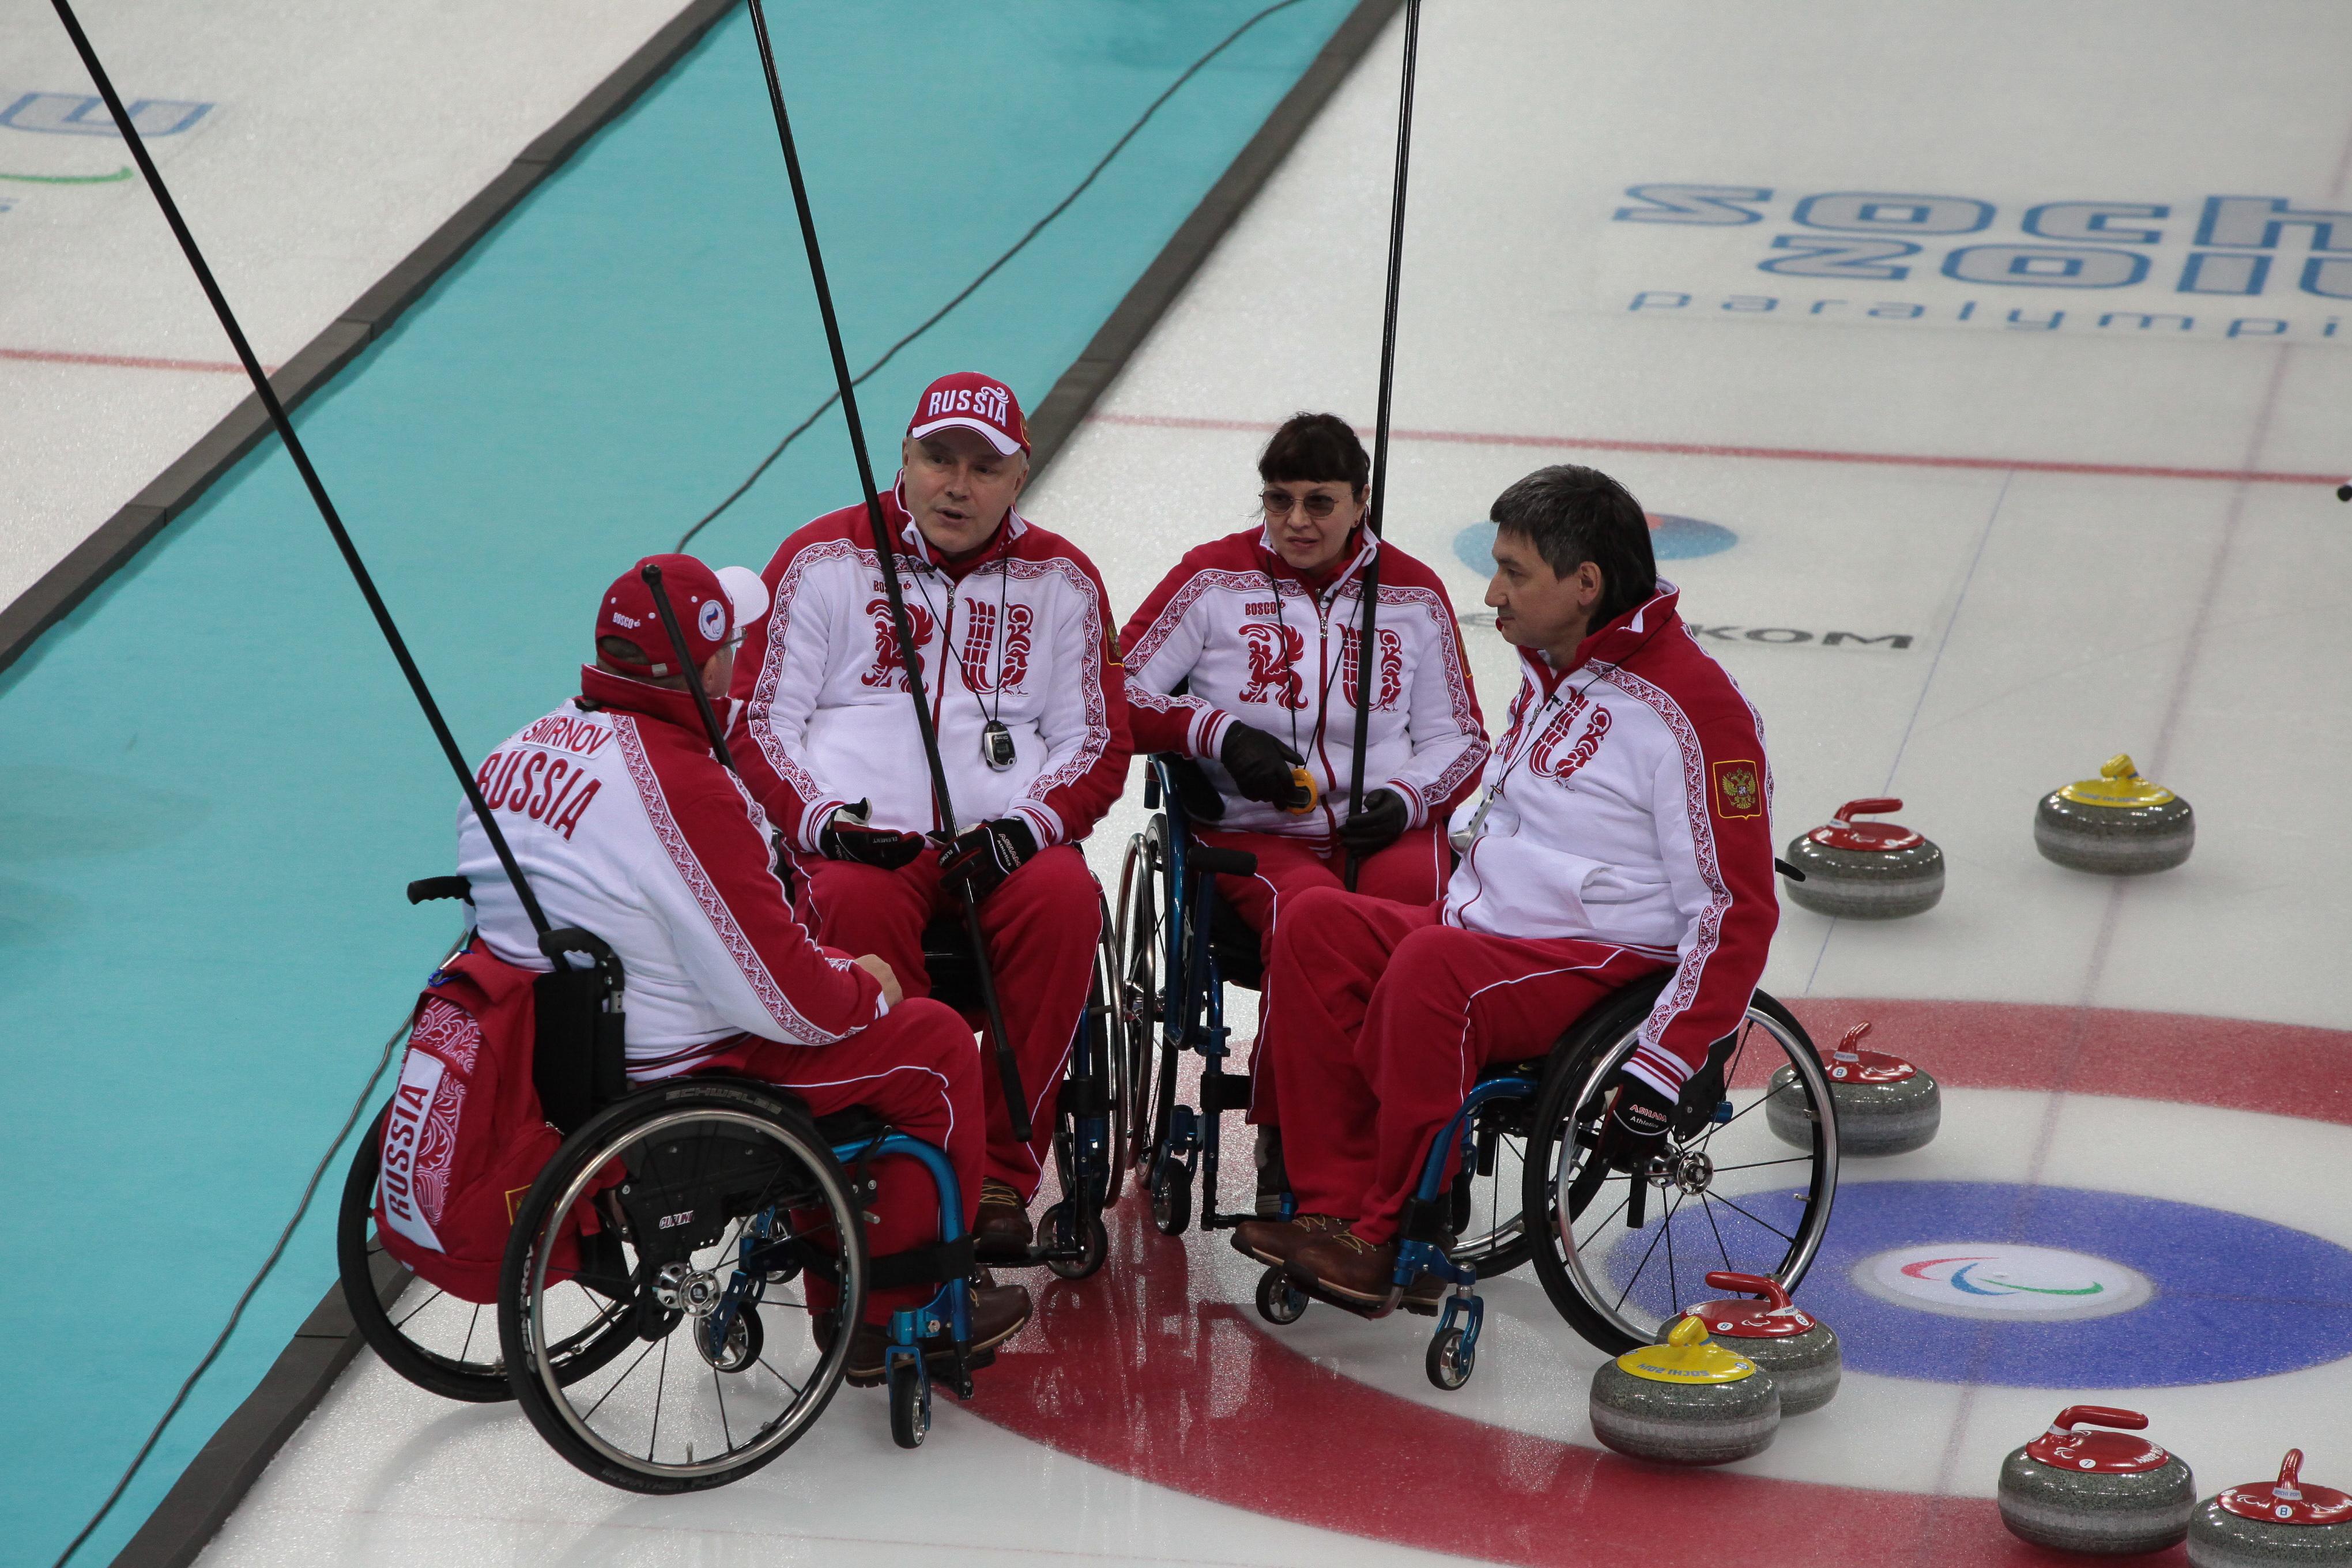 Сборная России по керлингу на колясках стала серебряным призером XI Паралимпийских зимних игр в г. Сочи